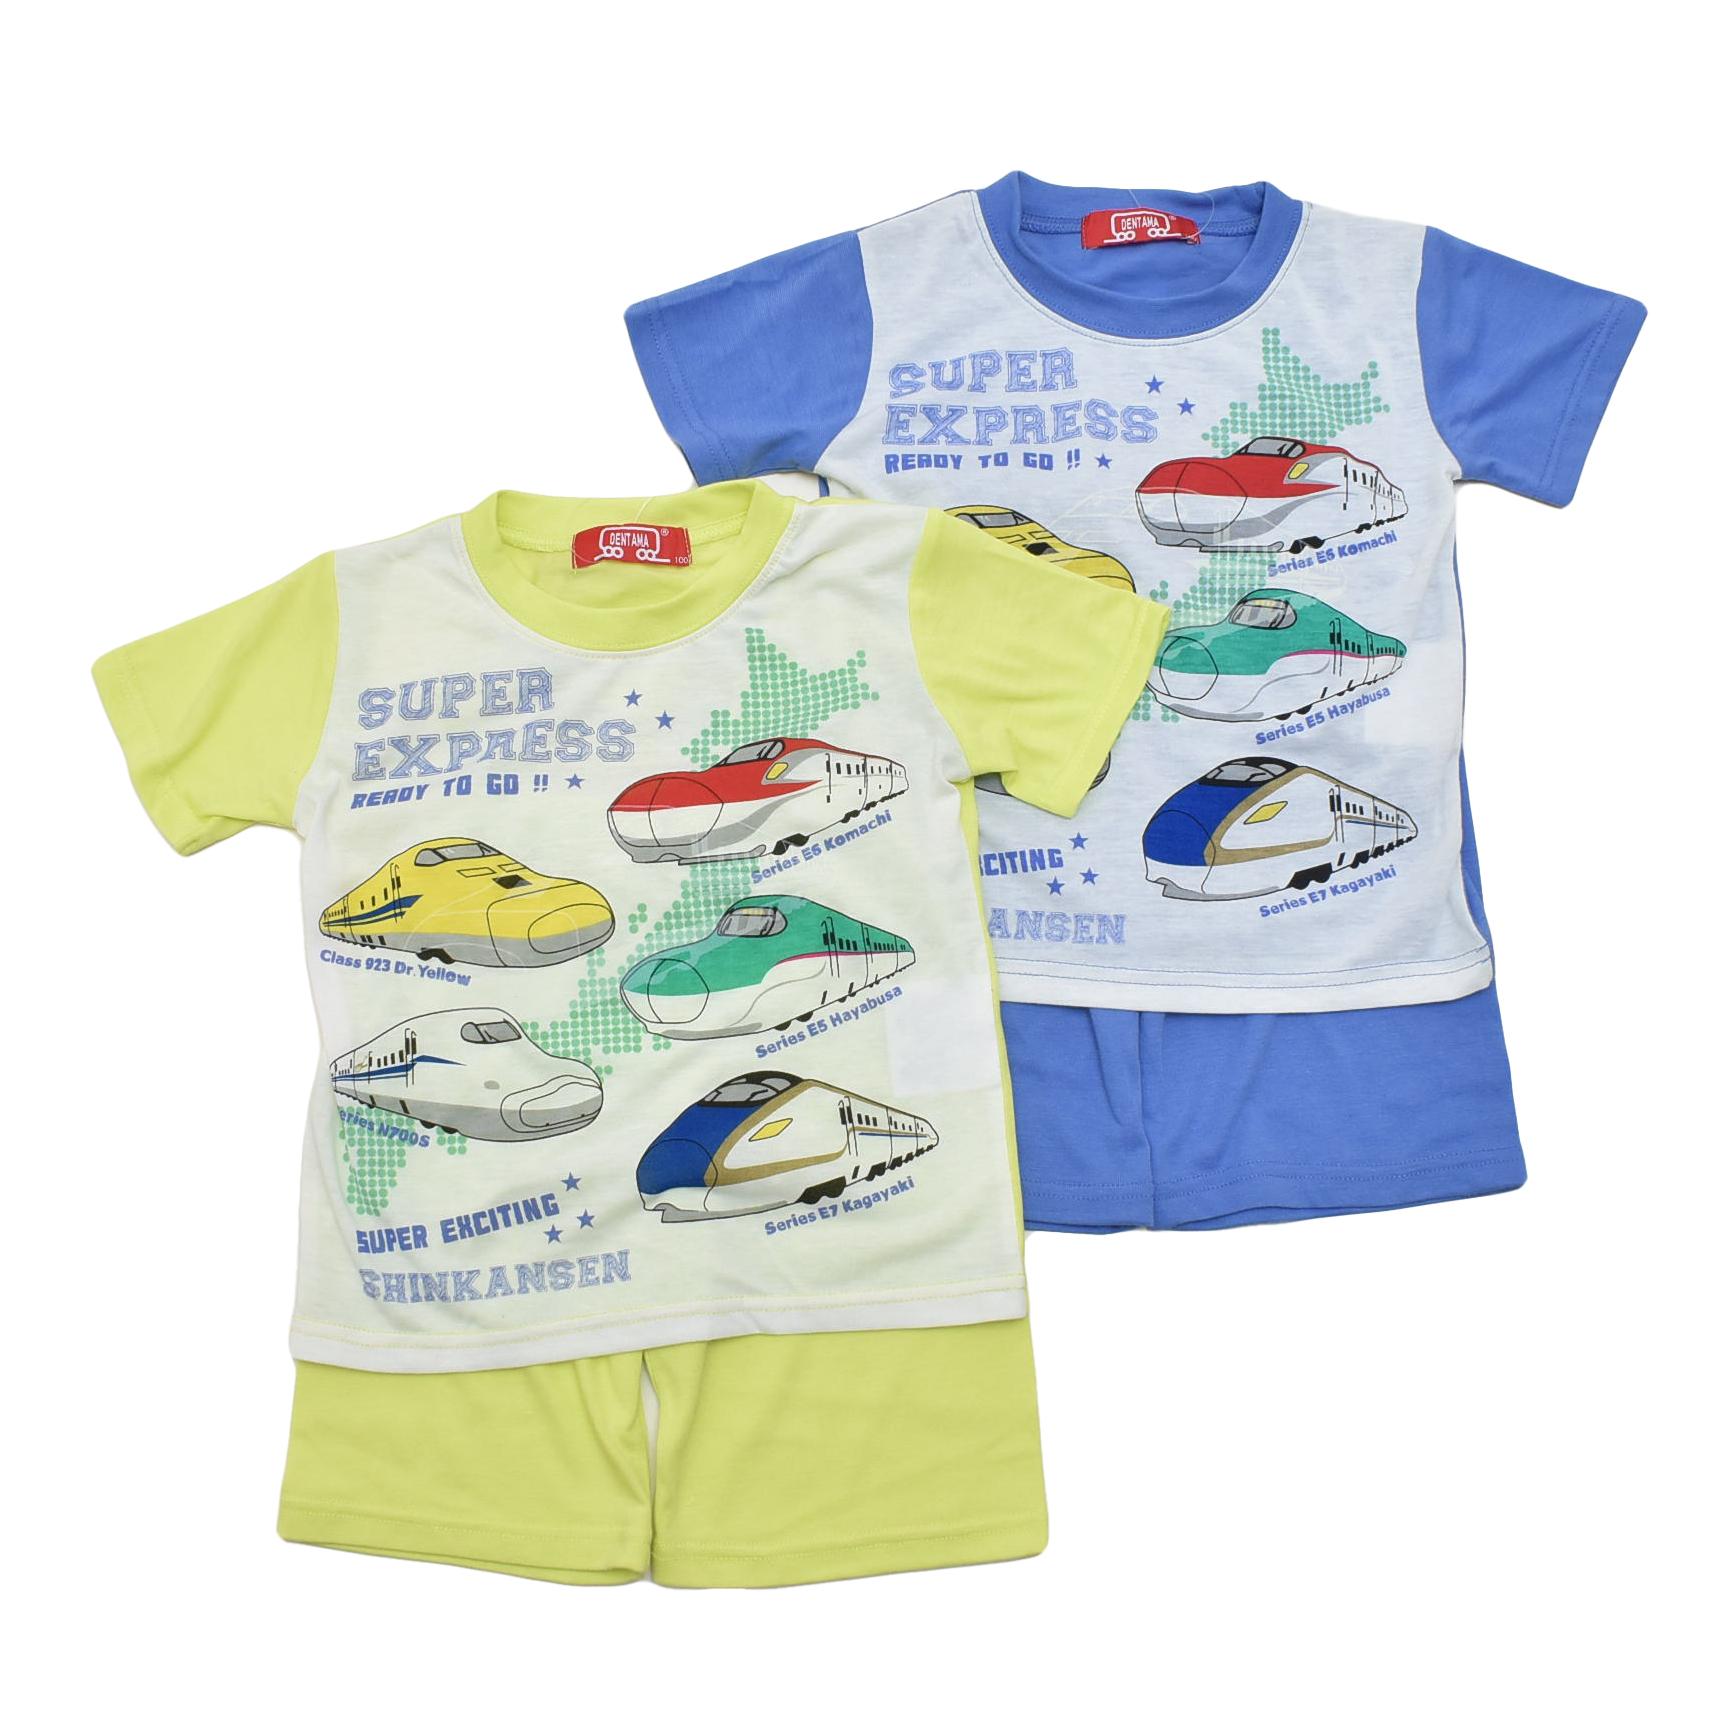 でんたま(新幹線) 光る 半袖Tシャツ生地のパジャマ  100-130cm(132DT0101)